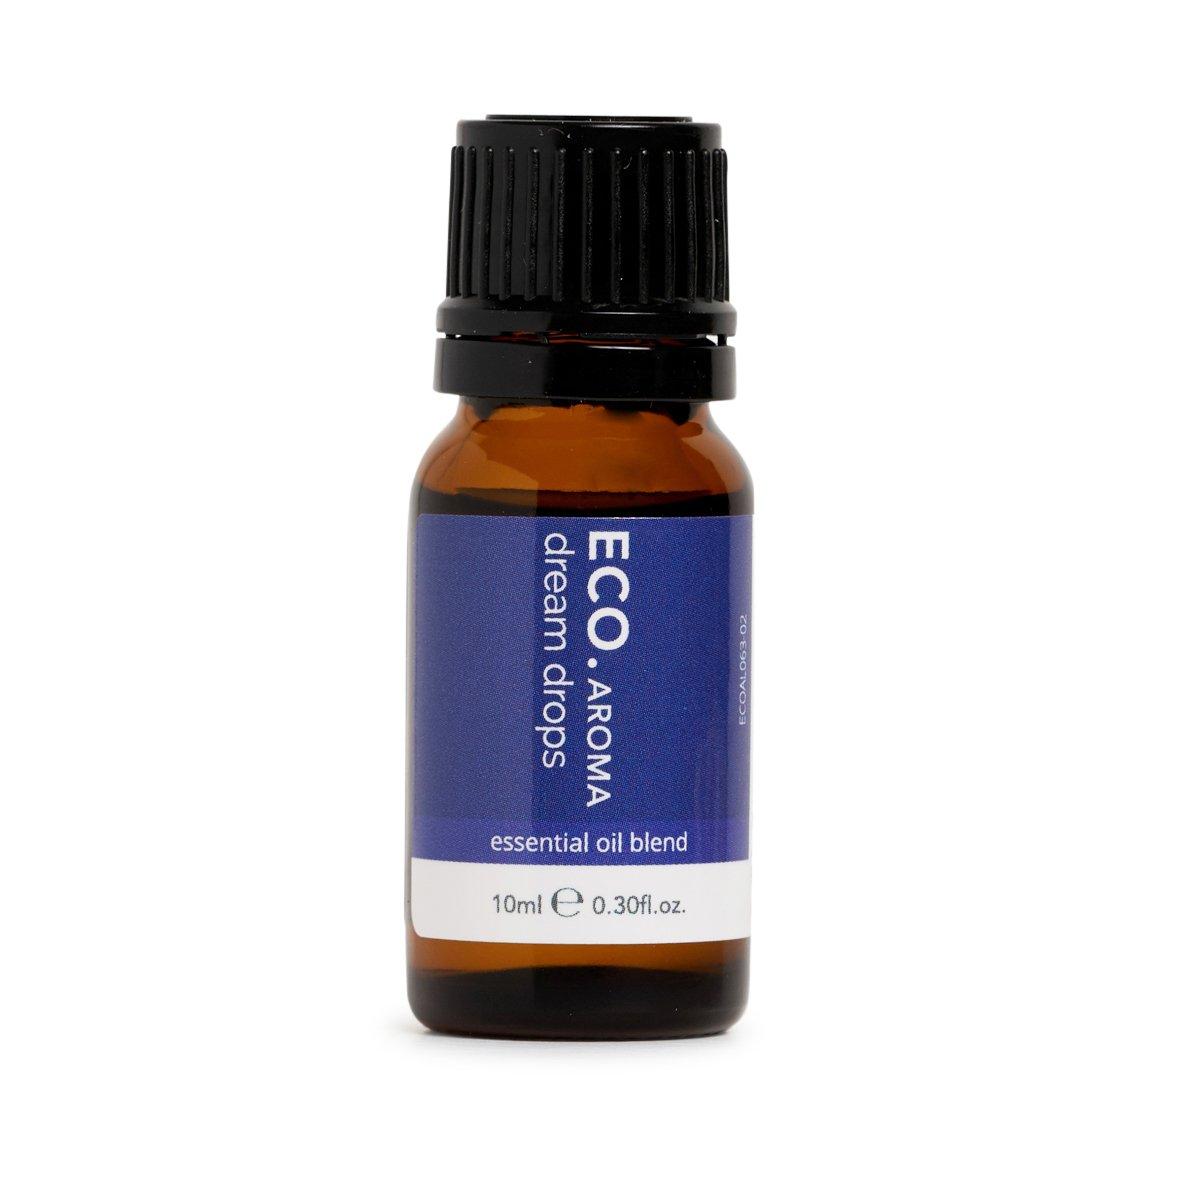 Eco. Aroma Dream Drops Pure Essential Oil